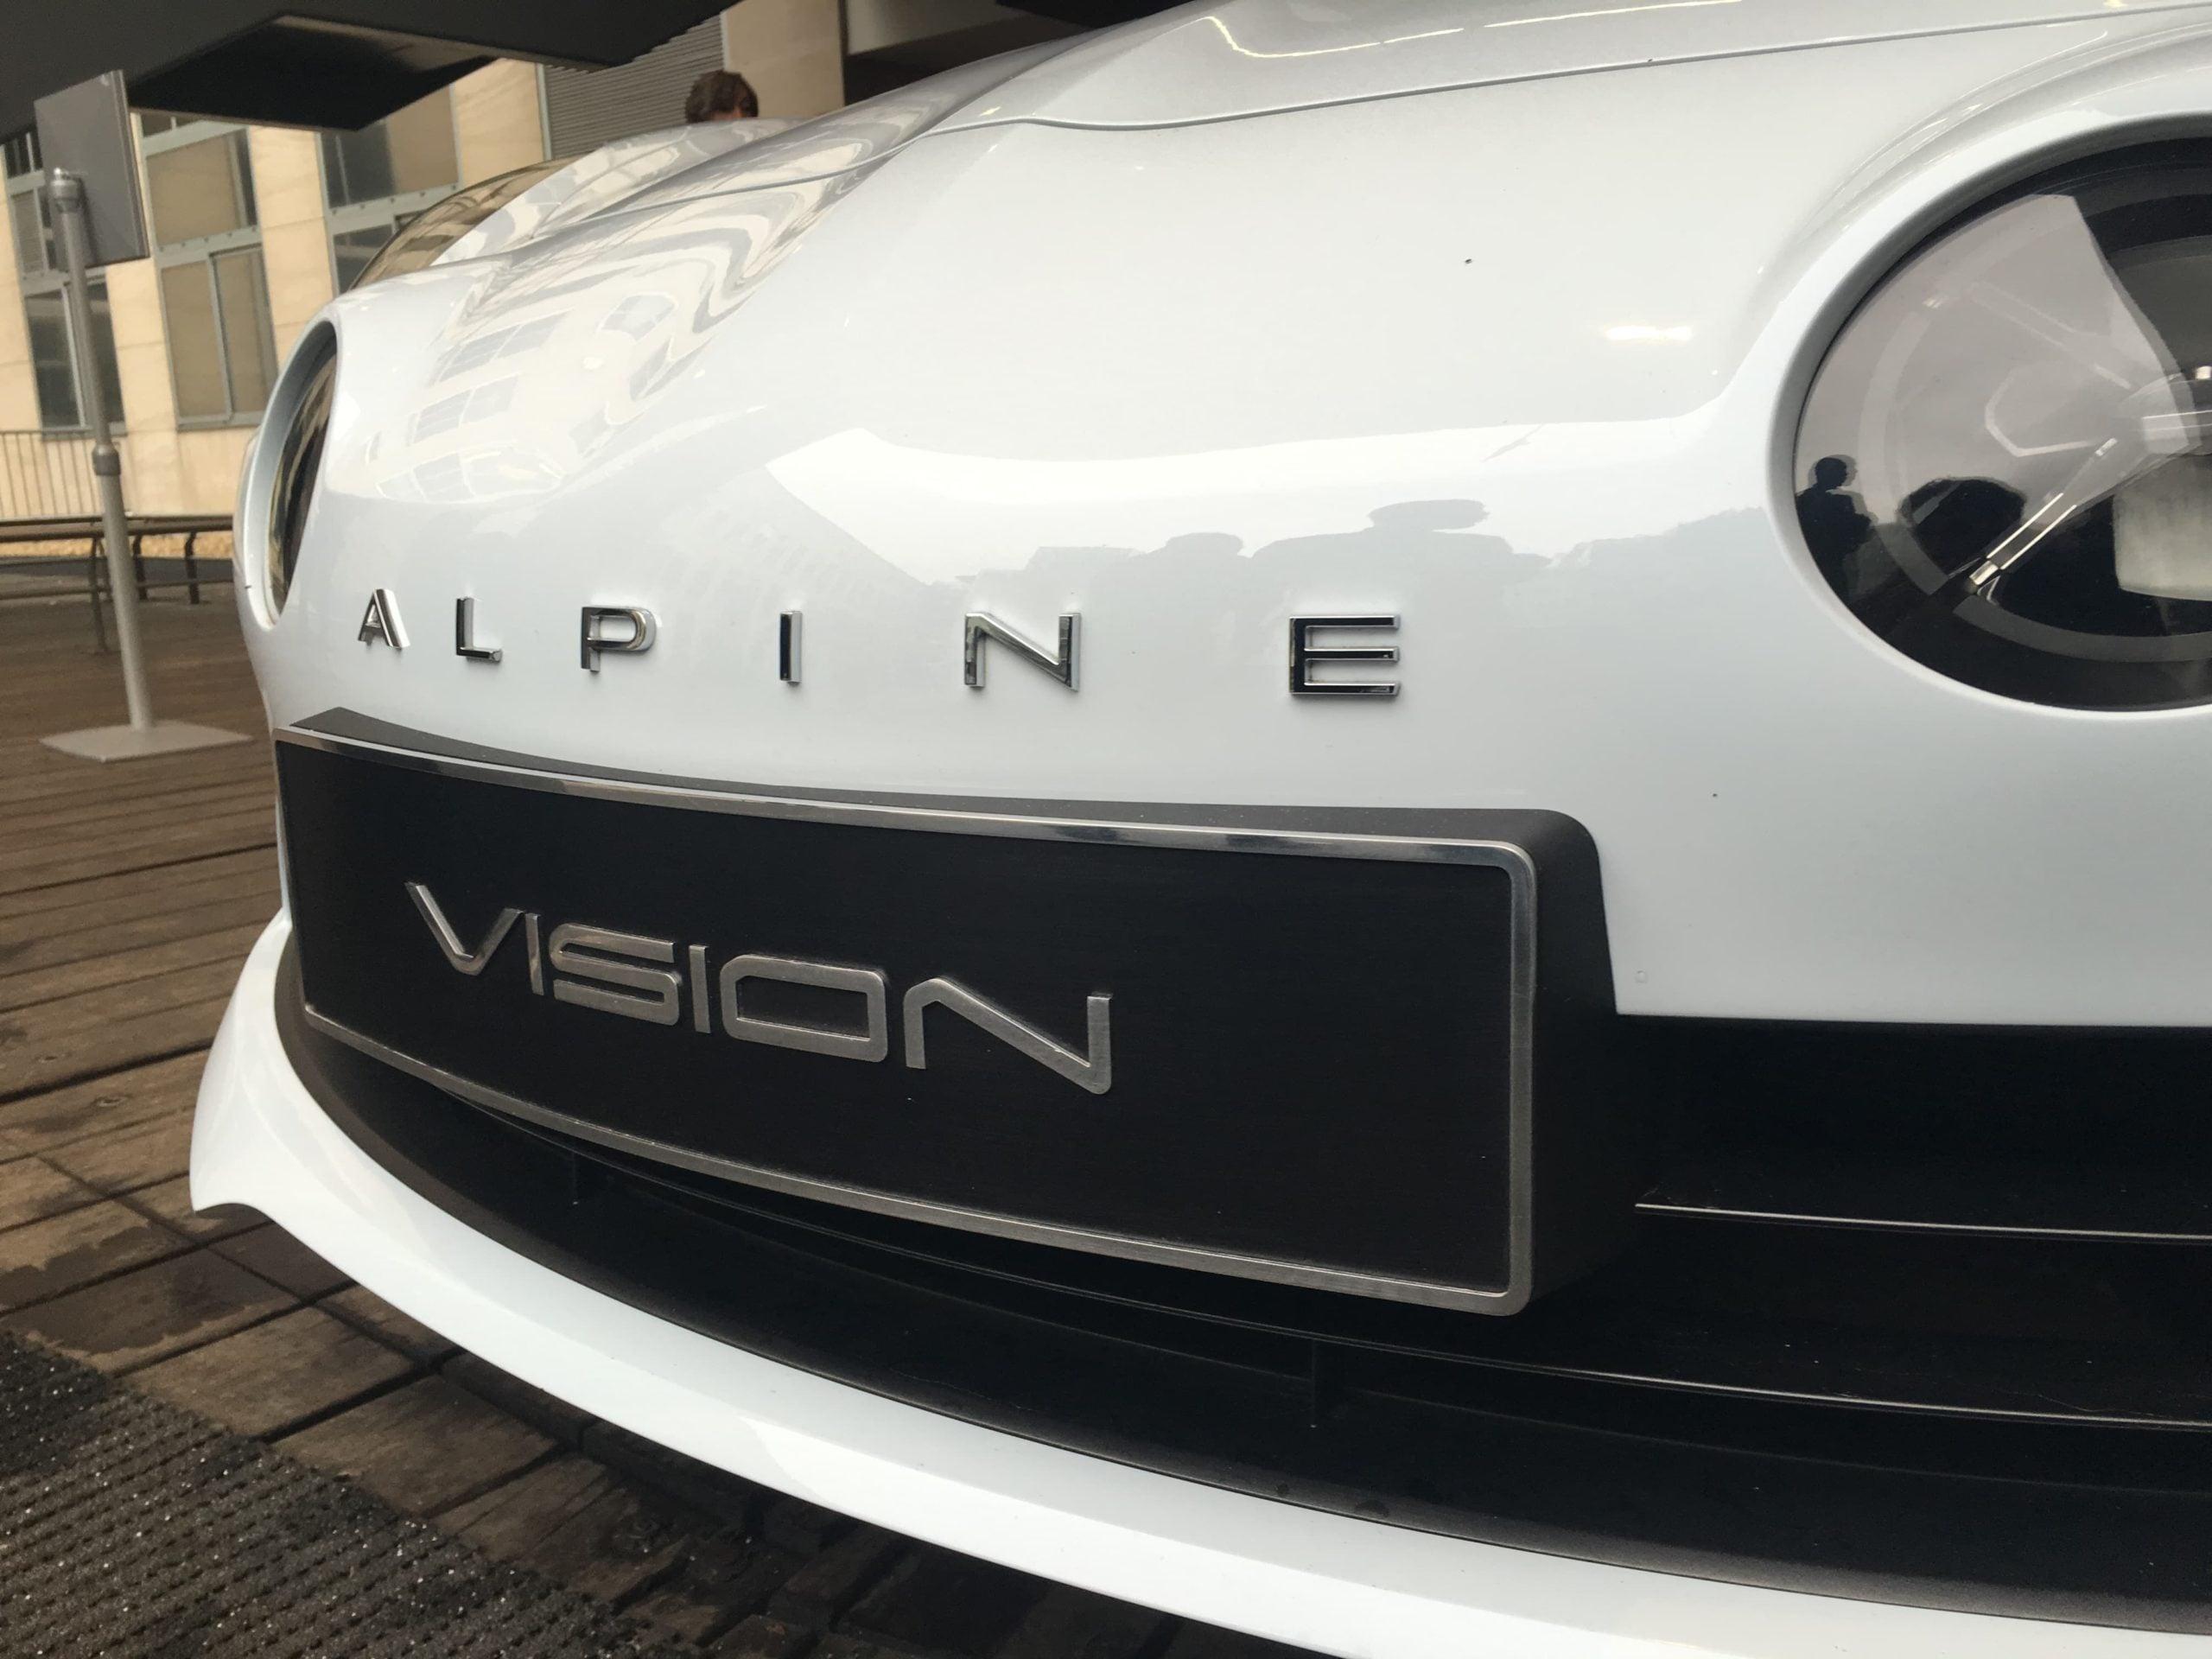 Photo 15 11 2016 10 50 09 scaled | Alpine Vision à l'Université Paris-Dauphine